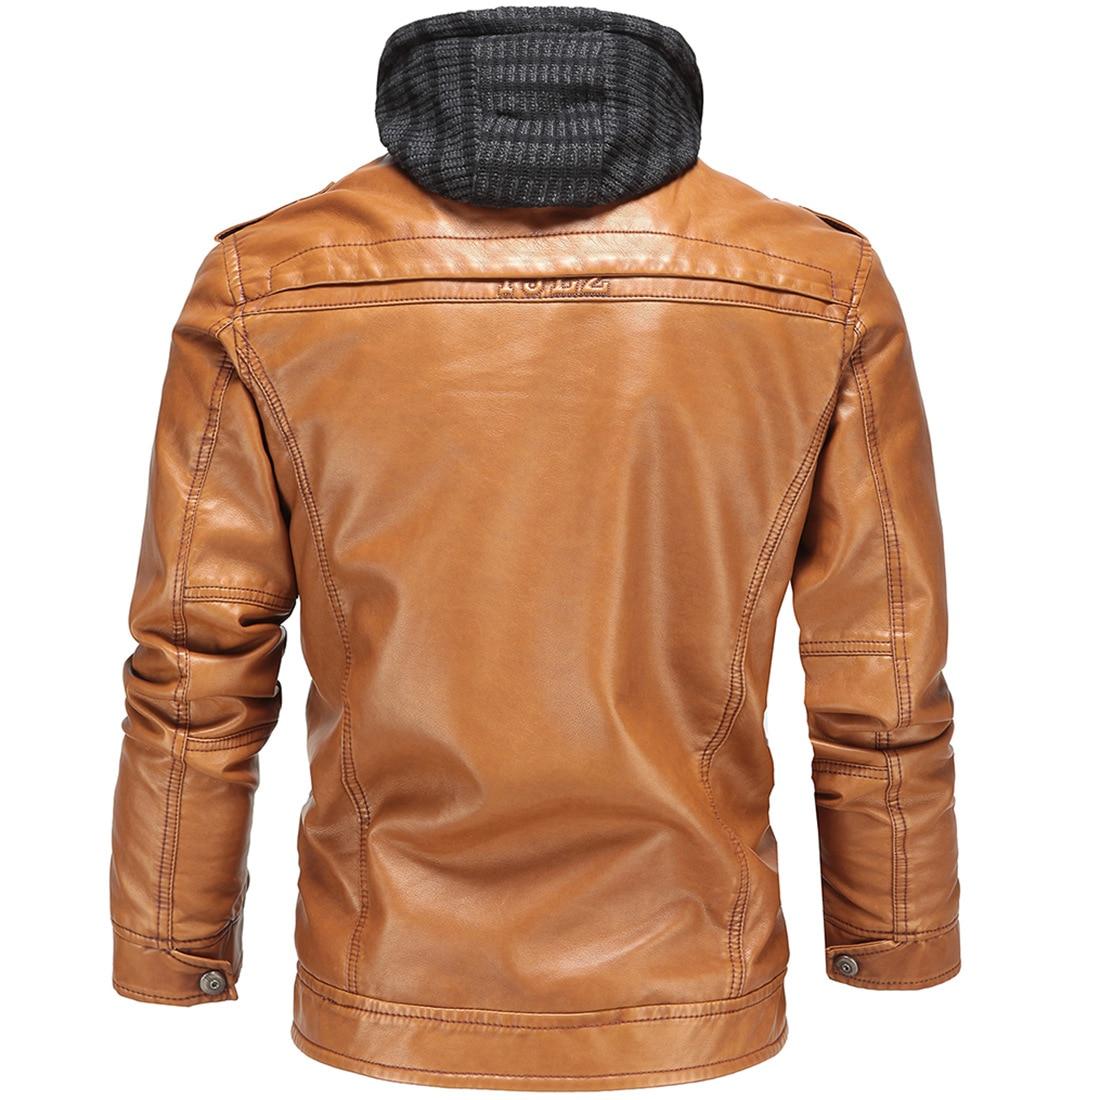 Estilo Los Casual La Amarillo Invierno Cuero De Motocicleta Hombres Chaqueta Abrigos Inglaterra Pu afqvYwt